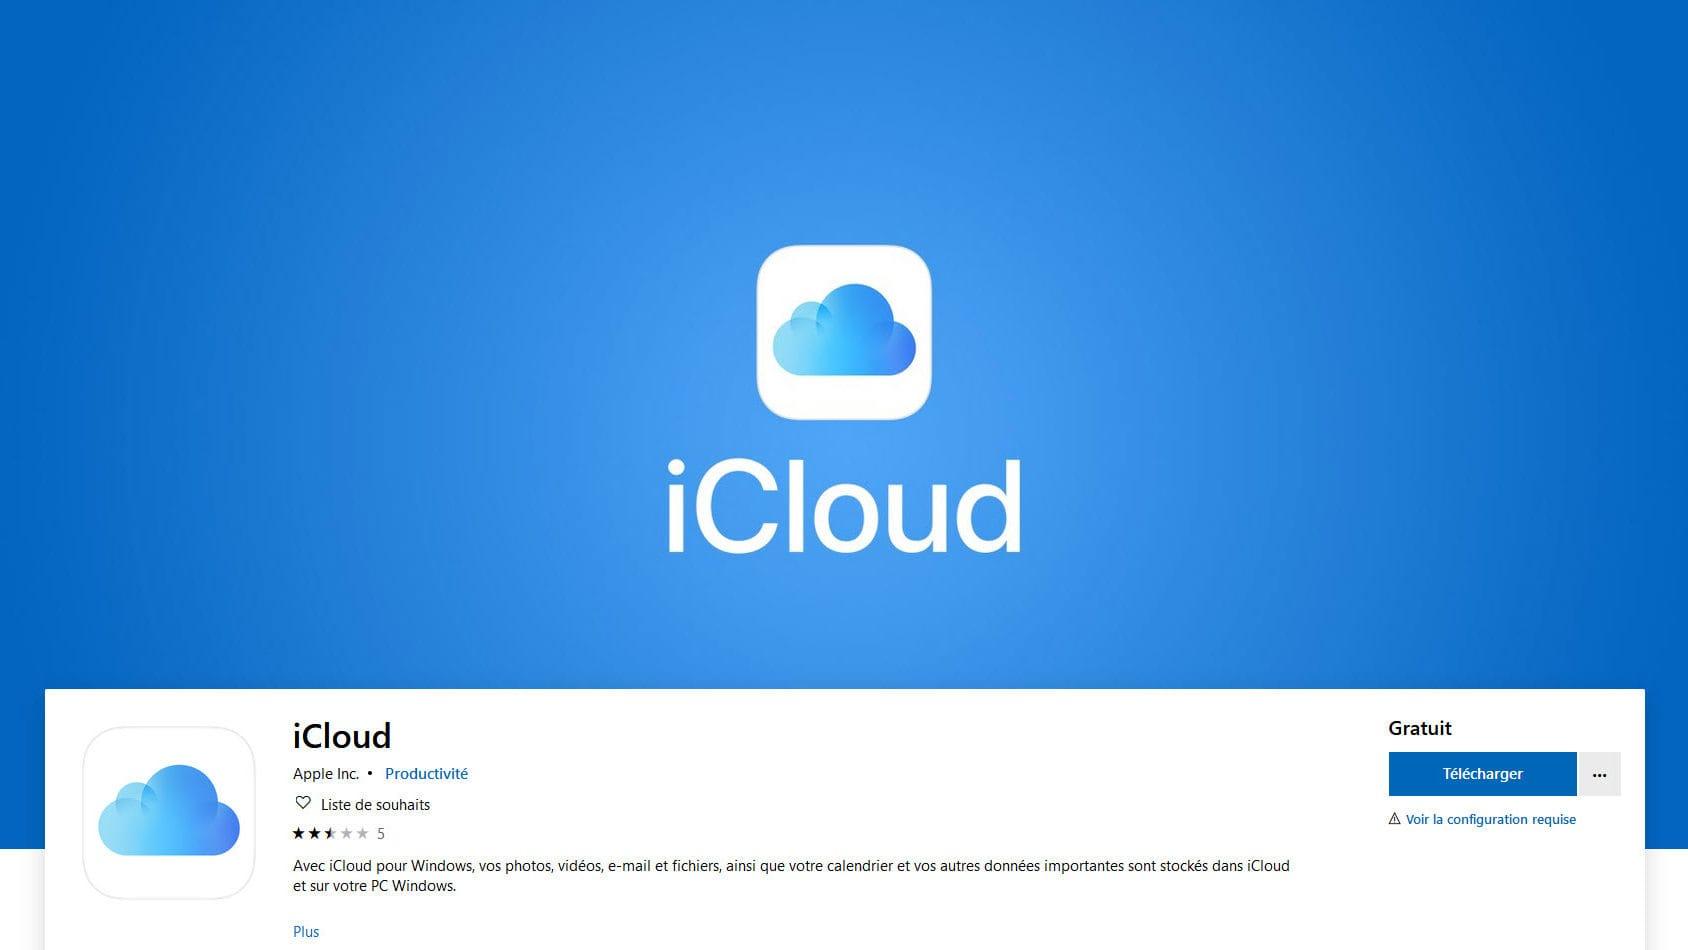 Windows 10 : Il est désormais possible de télécharger iCloud depuis le Microsoft Store